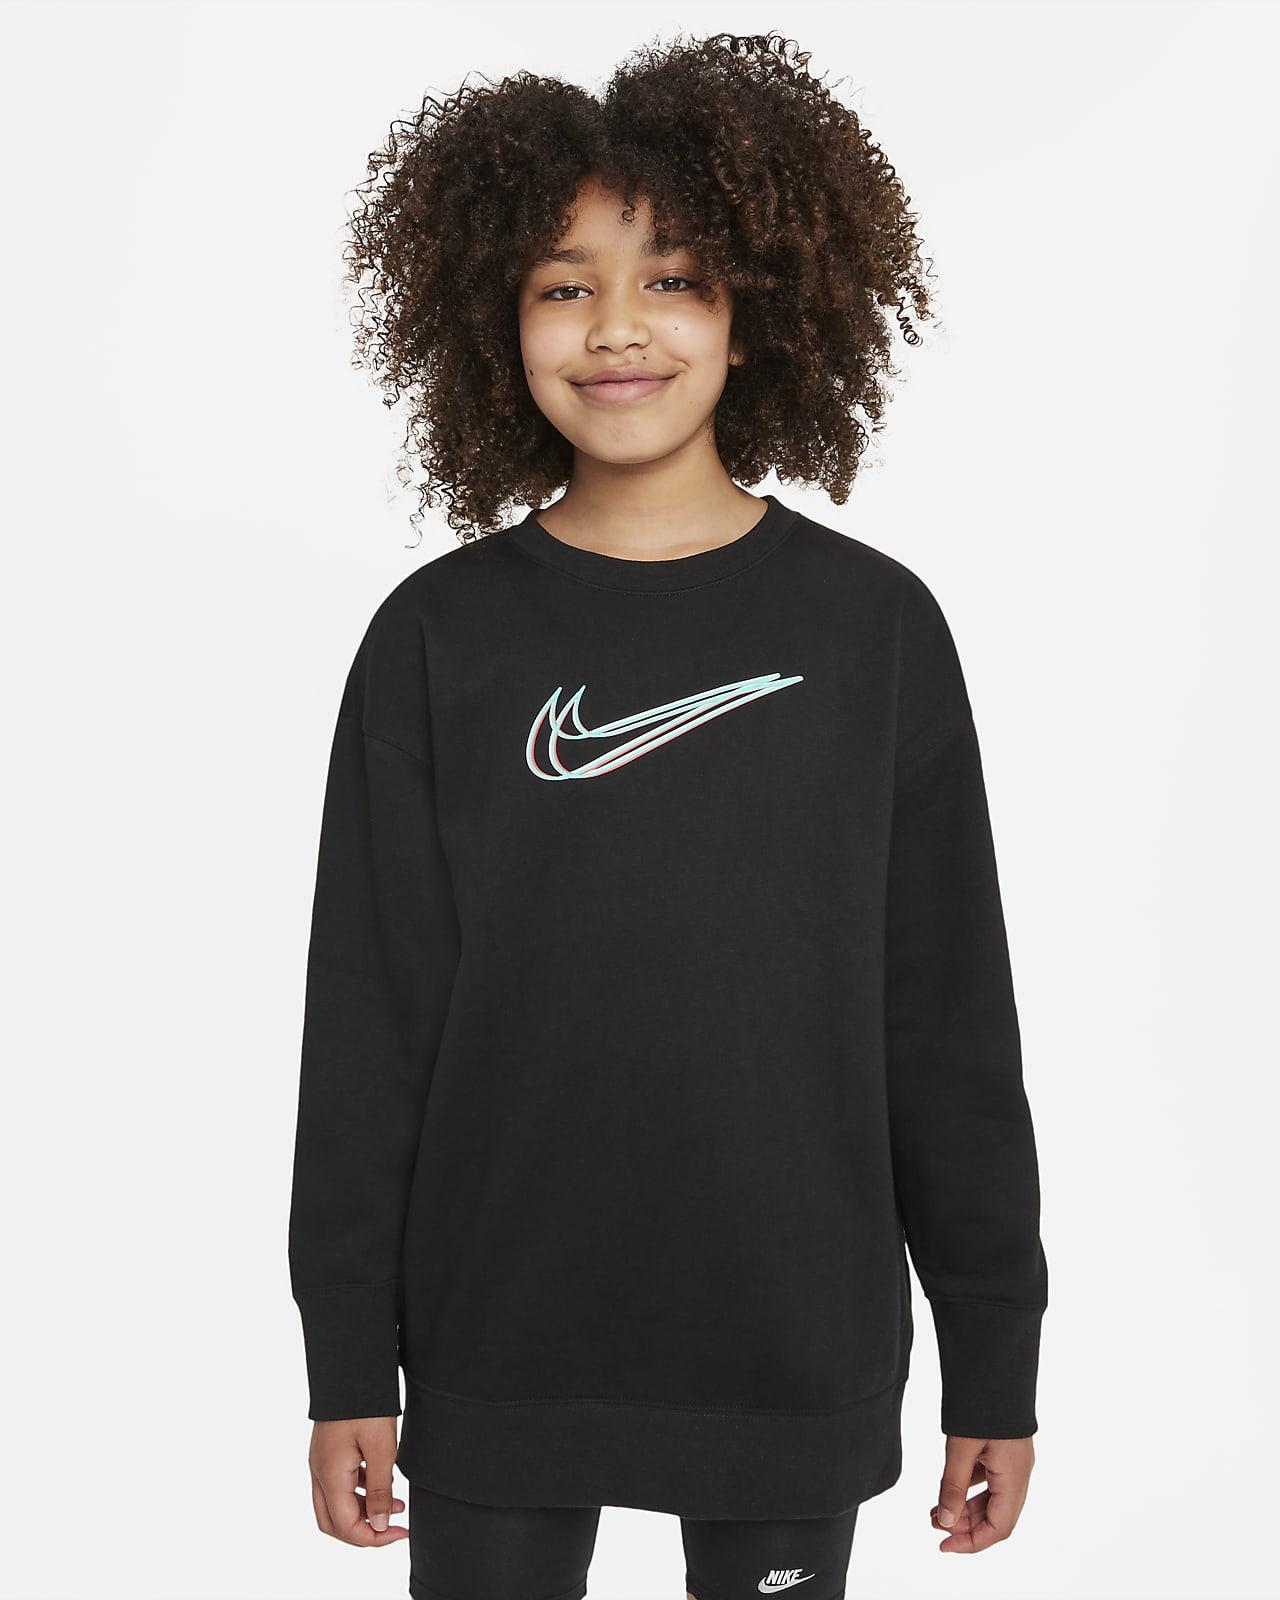 Nike Sportswear Older Kids' (Girls') Dance Sweatshirt